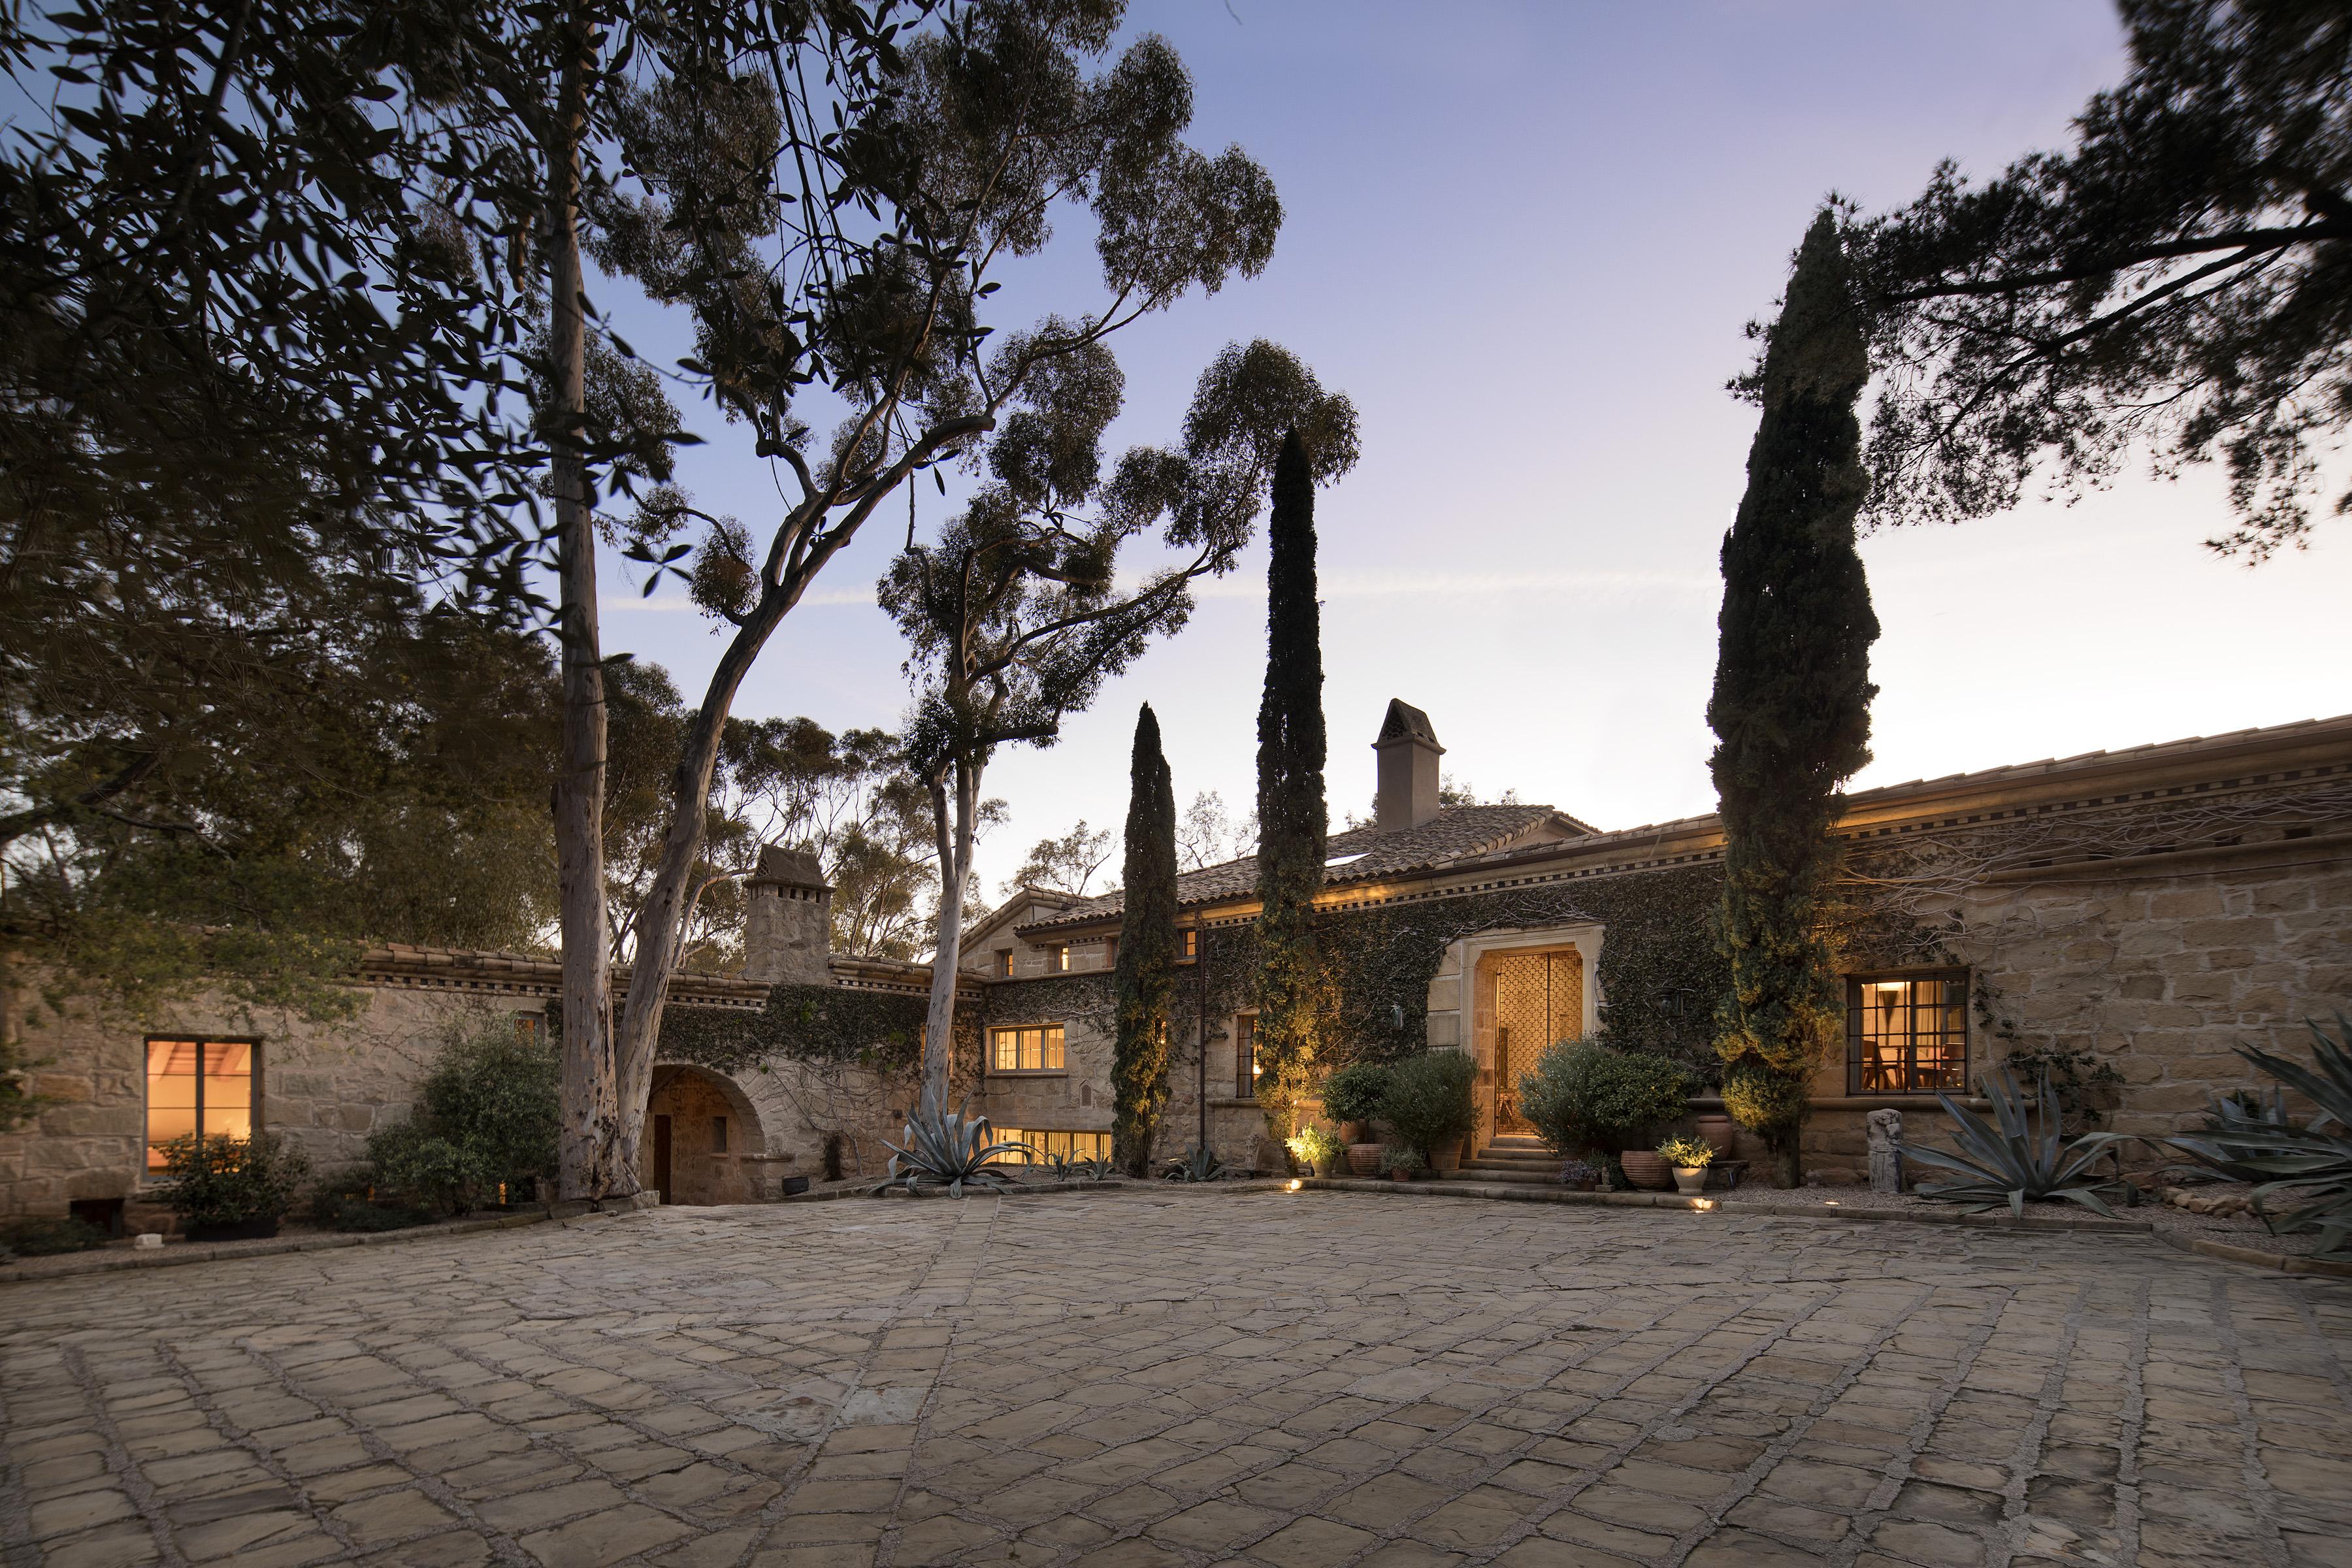 Ellen DeGeneres and Portia de Rossi list their stunning Santa Barbara villa for $45M